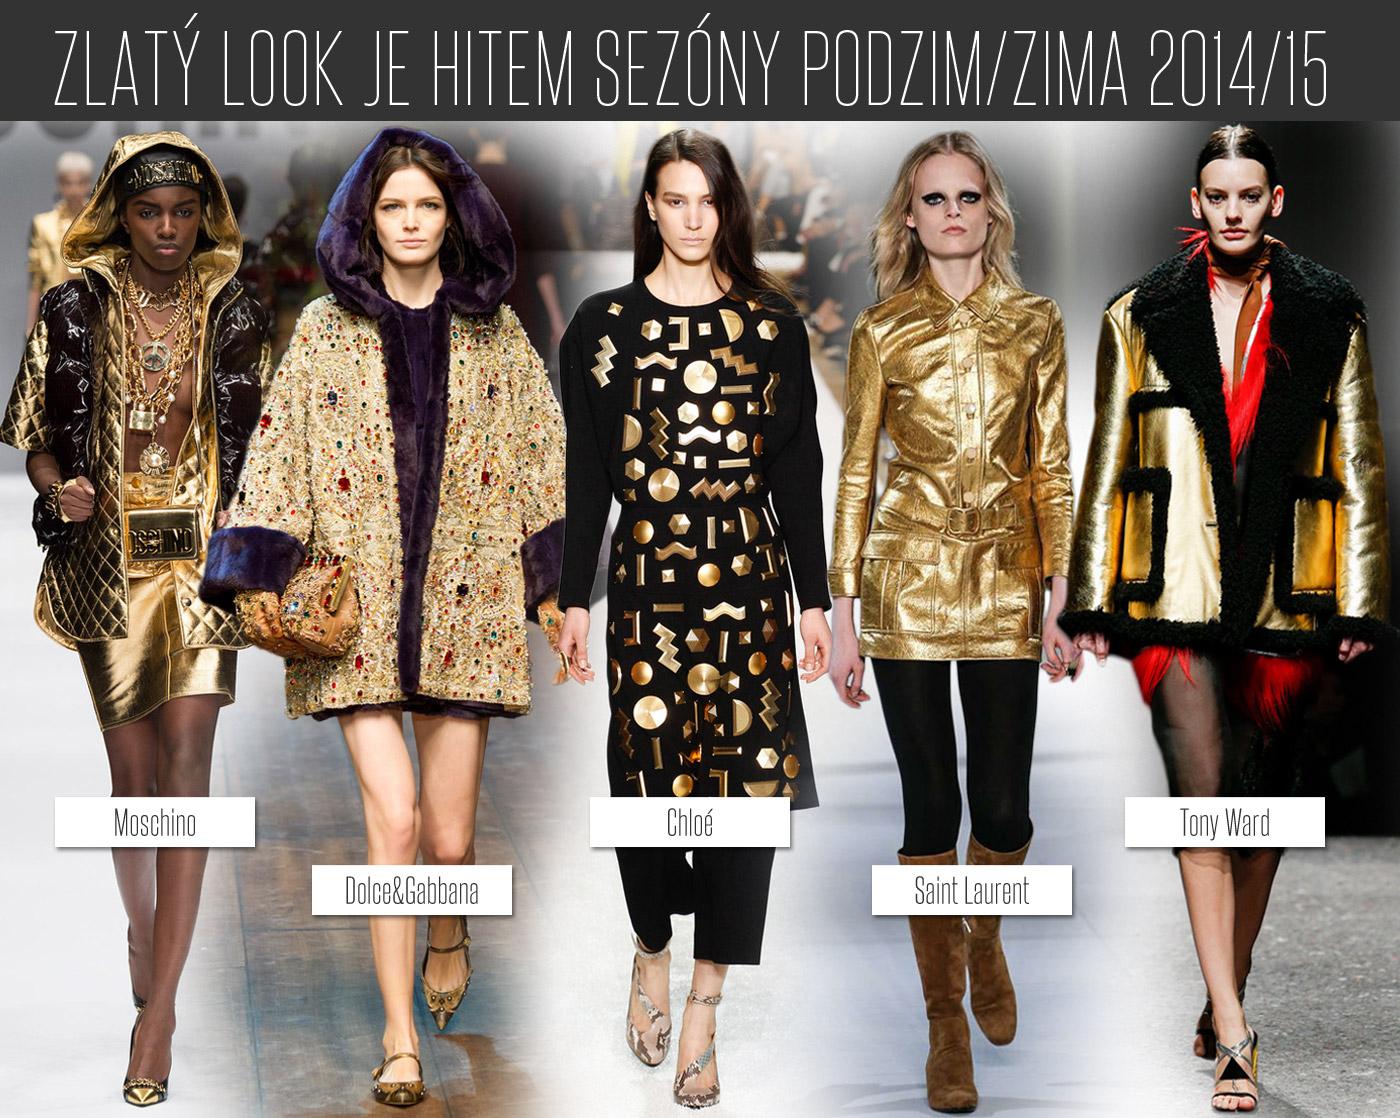 Ve svých kolekcích představili zlaté oblečení a zlaté doplňky Dolce&Gabbana, Prada, Chloé, Sain Laurent nebo Moschino.